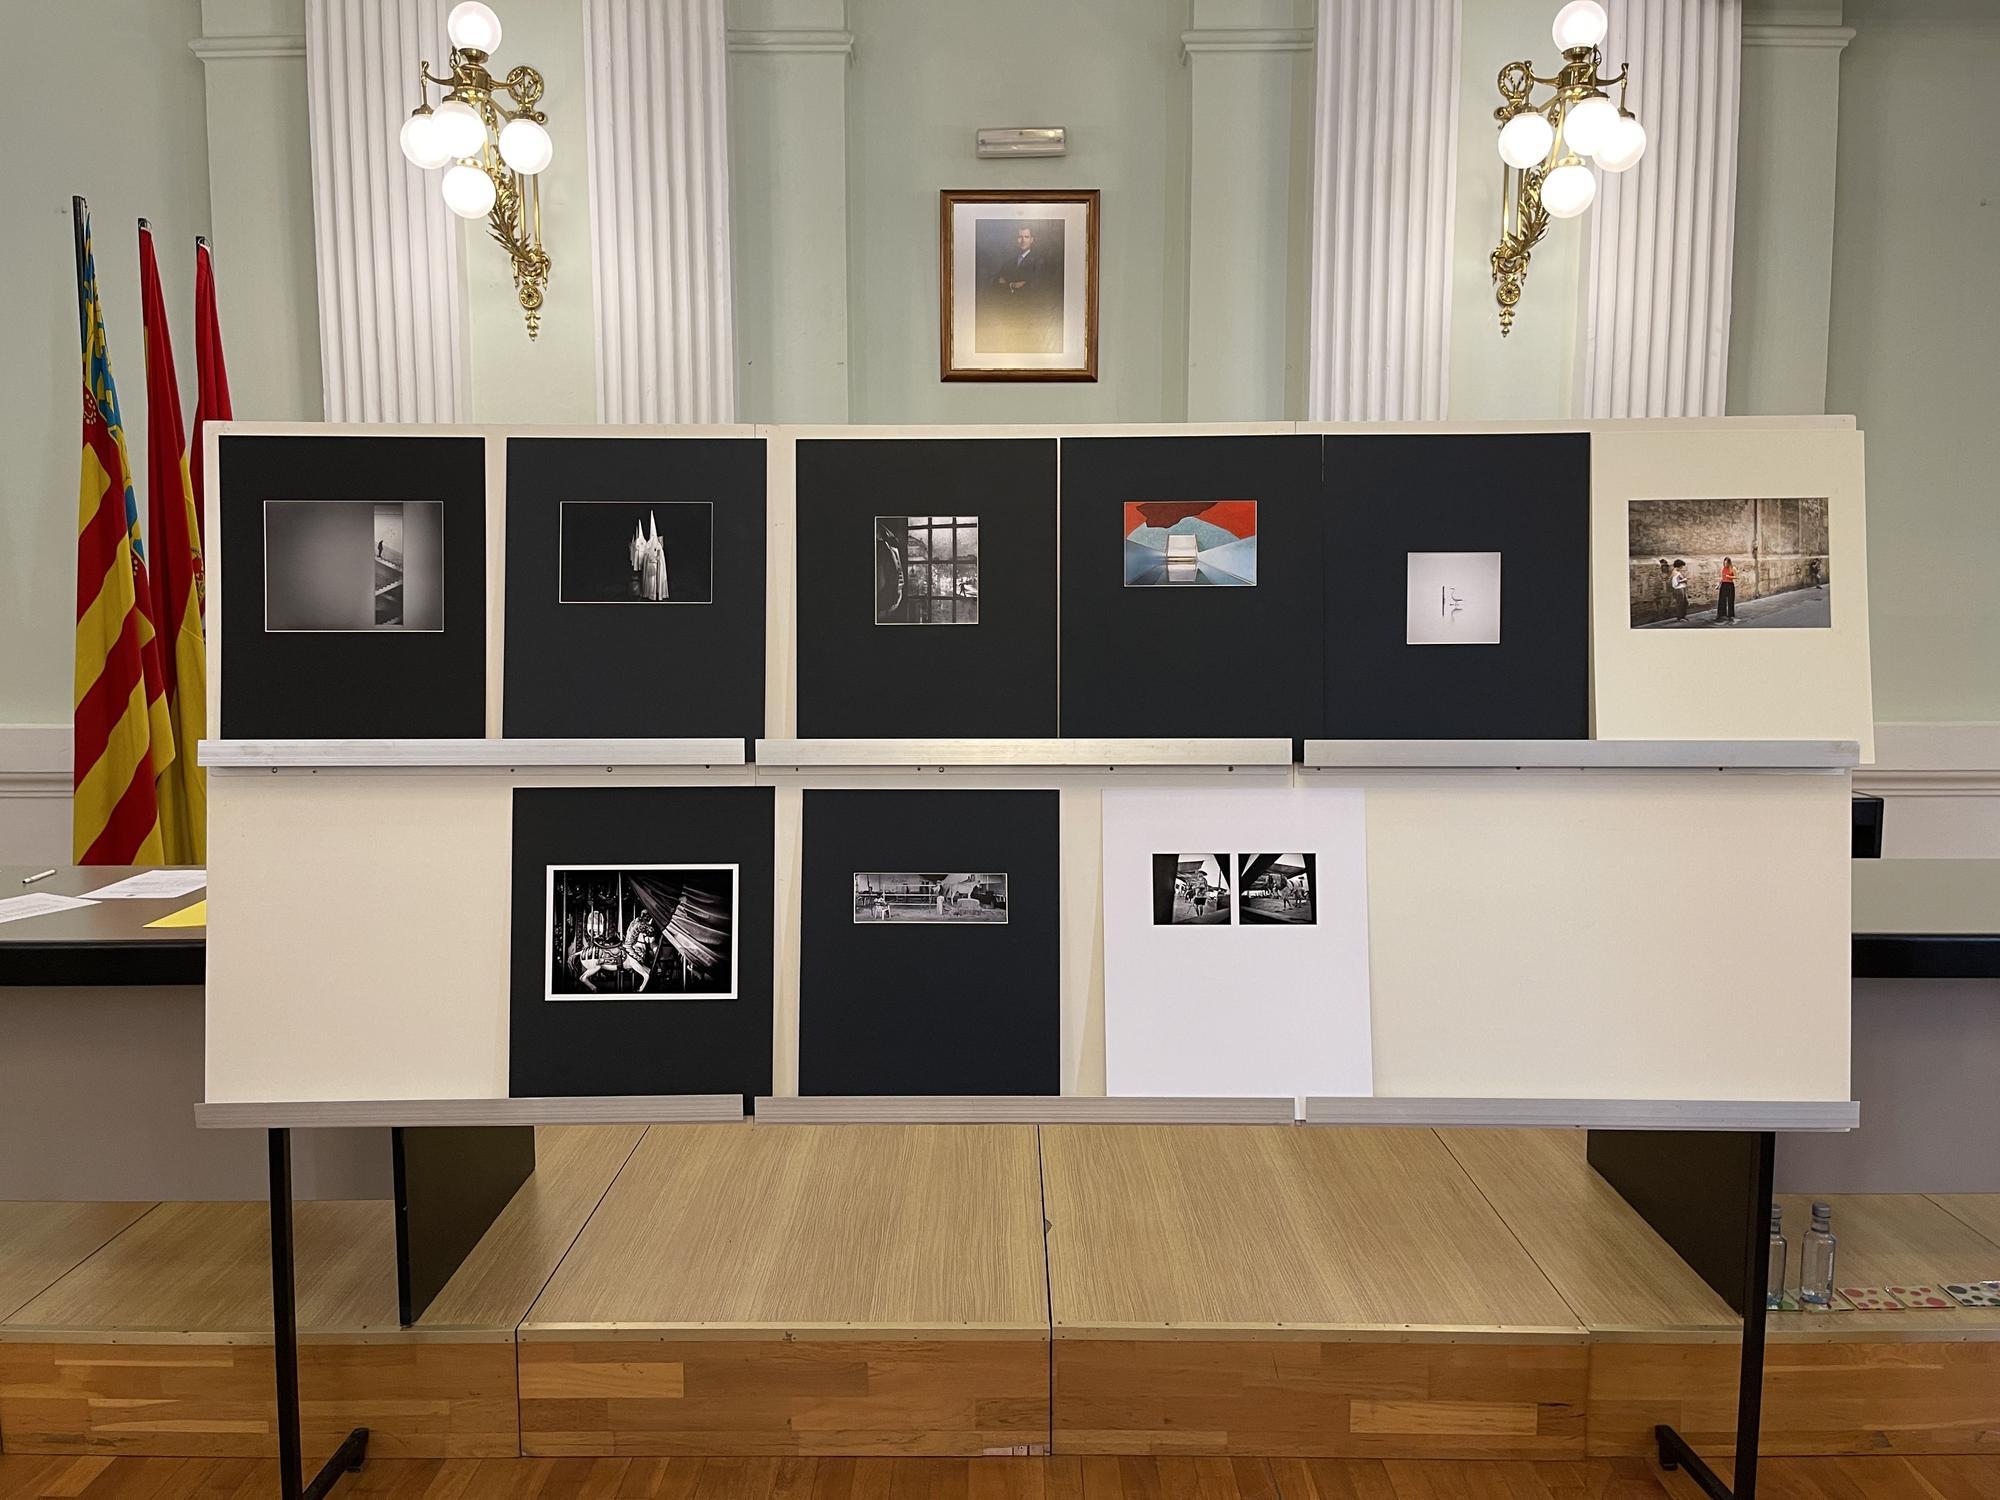 Las mejoras imágenes de la 66ª edición del salón fotográfico Ciutat de Xàtiva